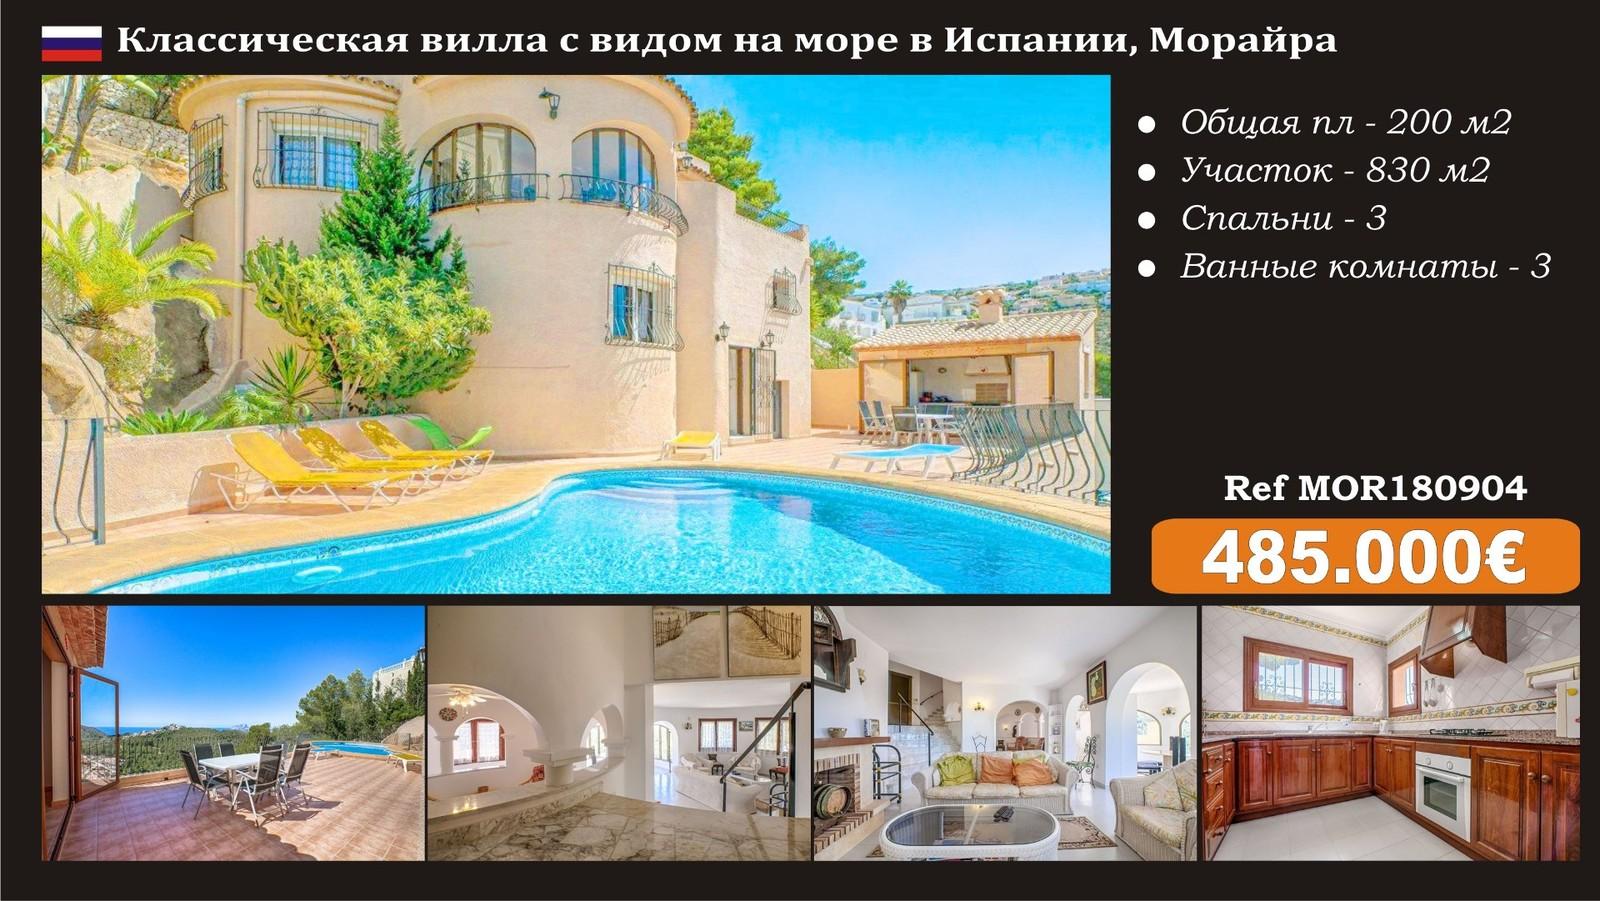 Купить недвижимость в испании на майорке